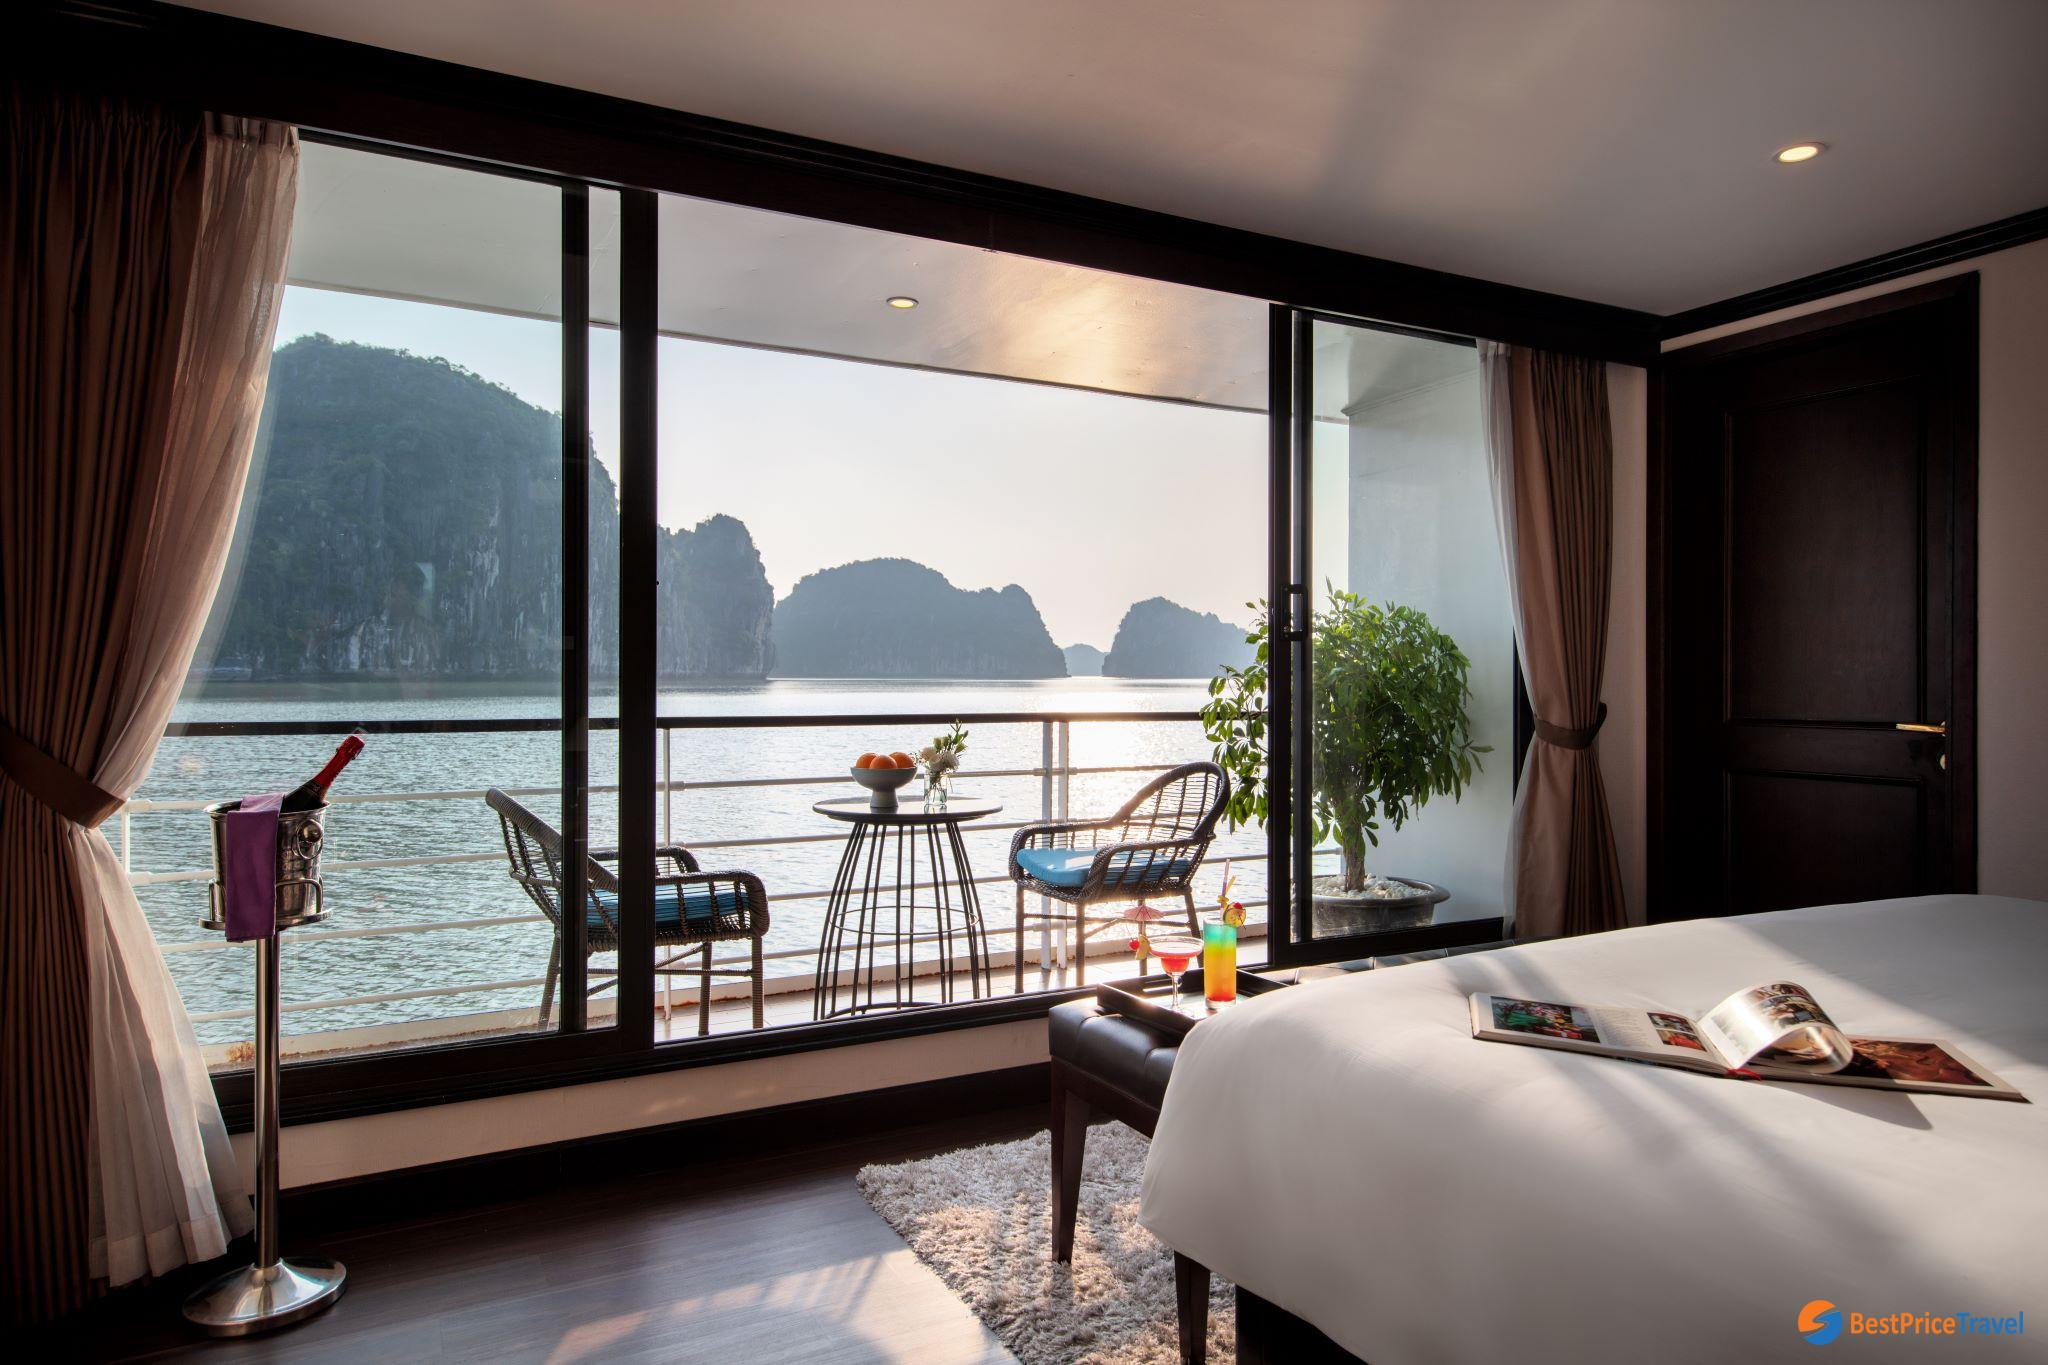 Mon Cheri Ocean Suite Balcony